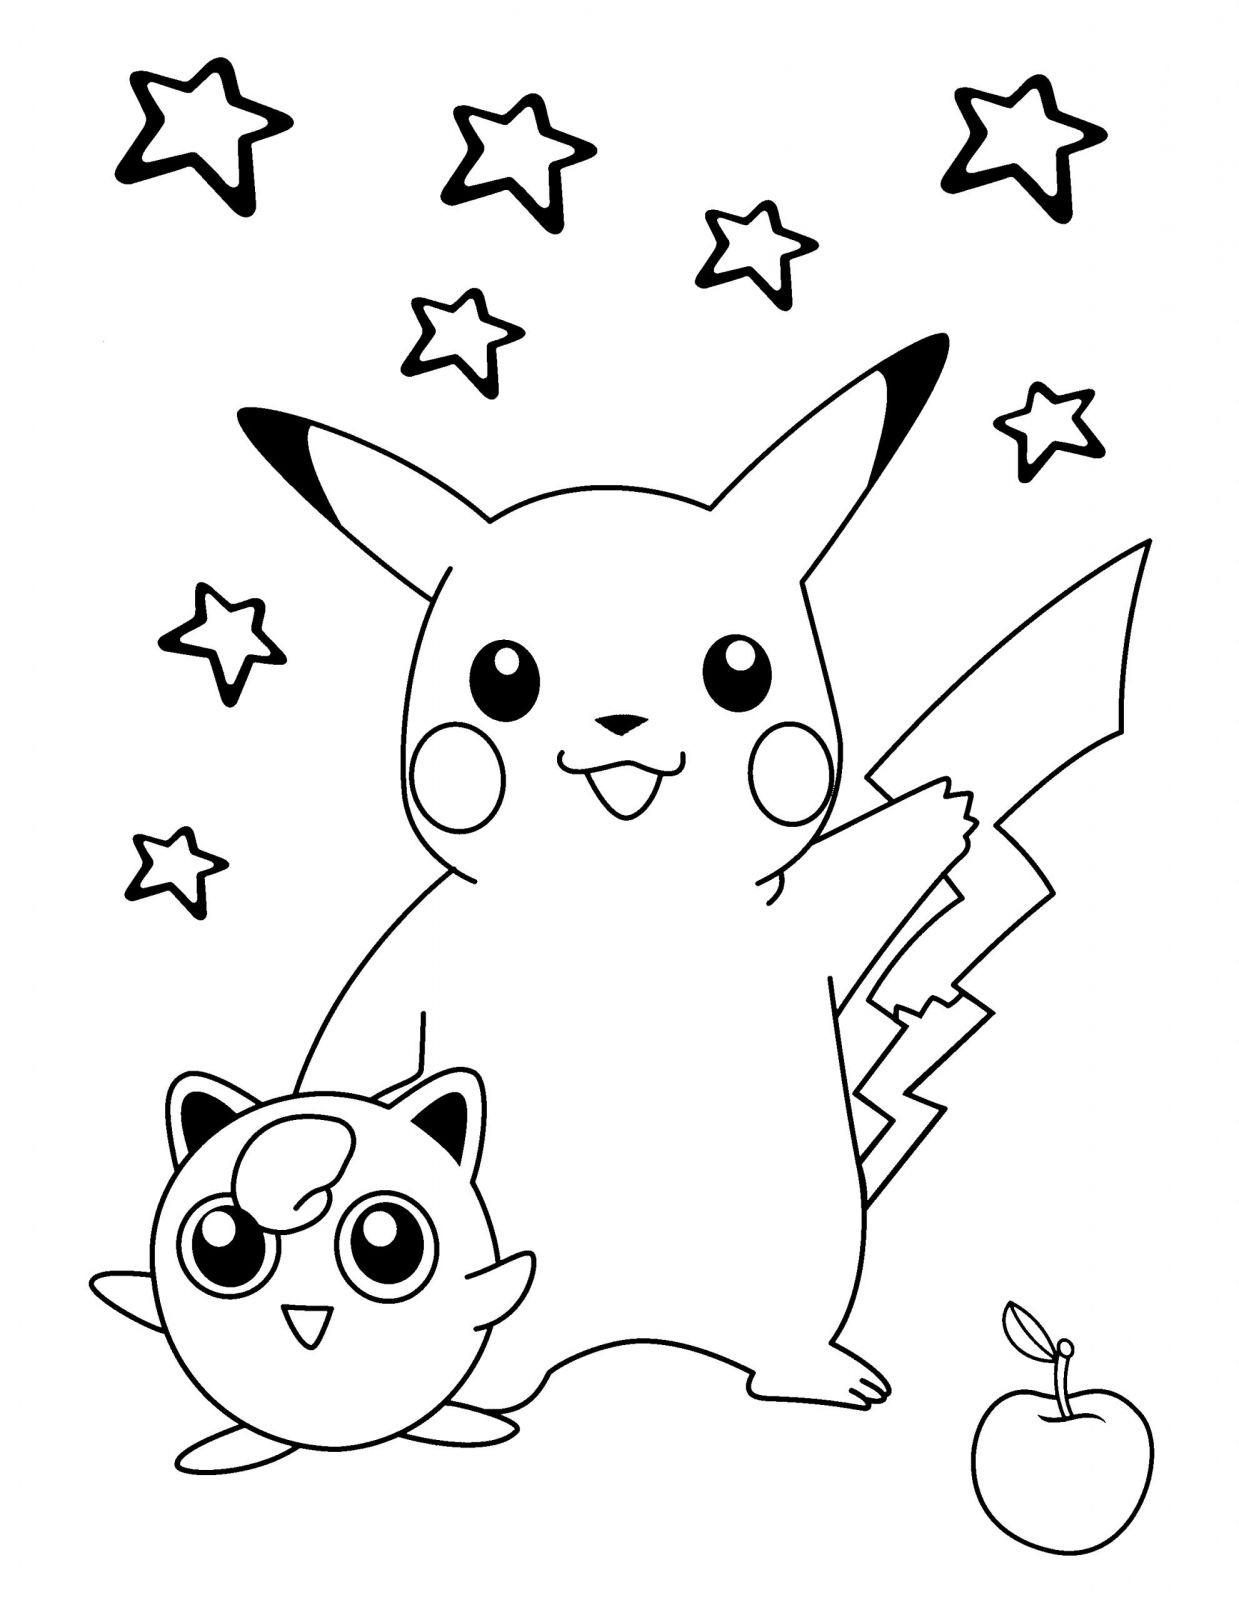 Coloriage Pokemon Pour Enfant | Coloriages À Imprimer Gratuits intérieur Dessin Pour Enfant À Colorier